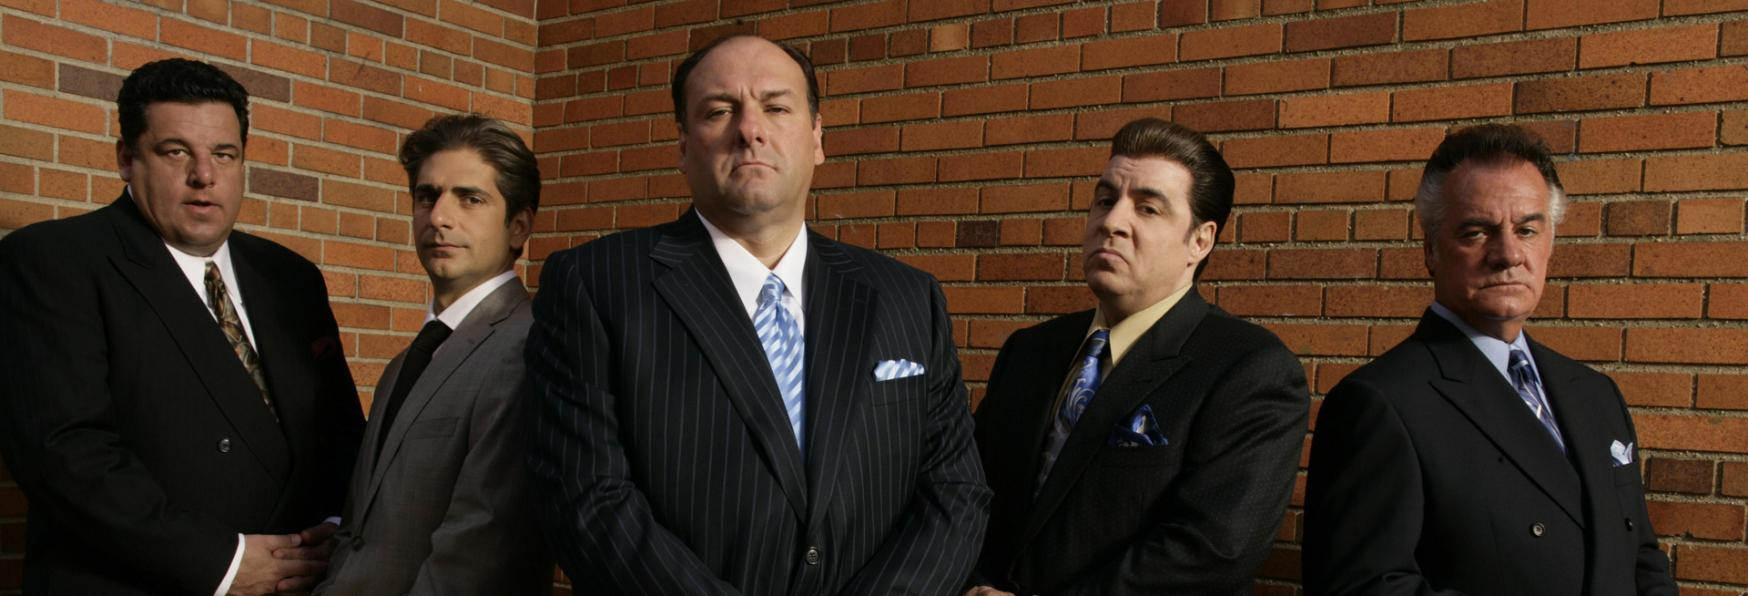 The Many Saints of Newark: il Film Prequel de I Soprano è stato Posticipato a questo Autunno